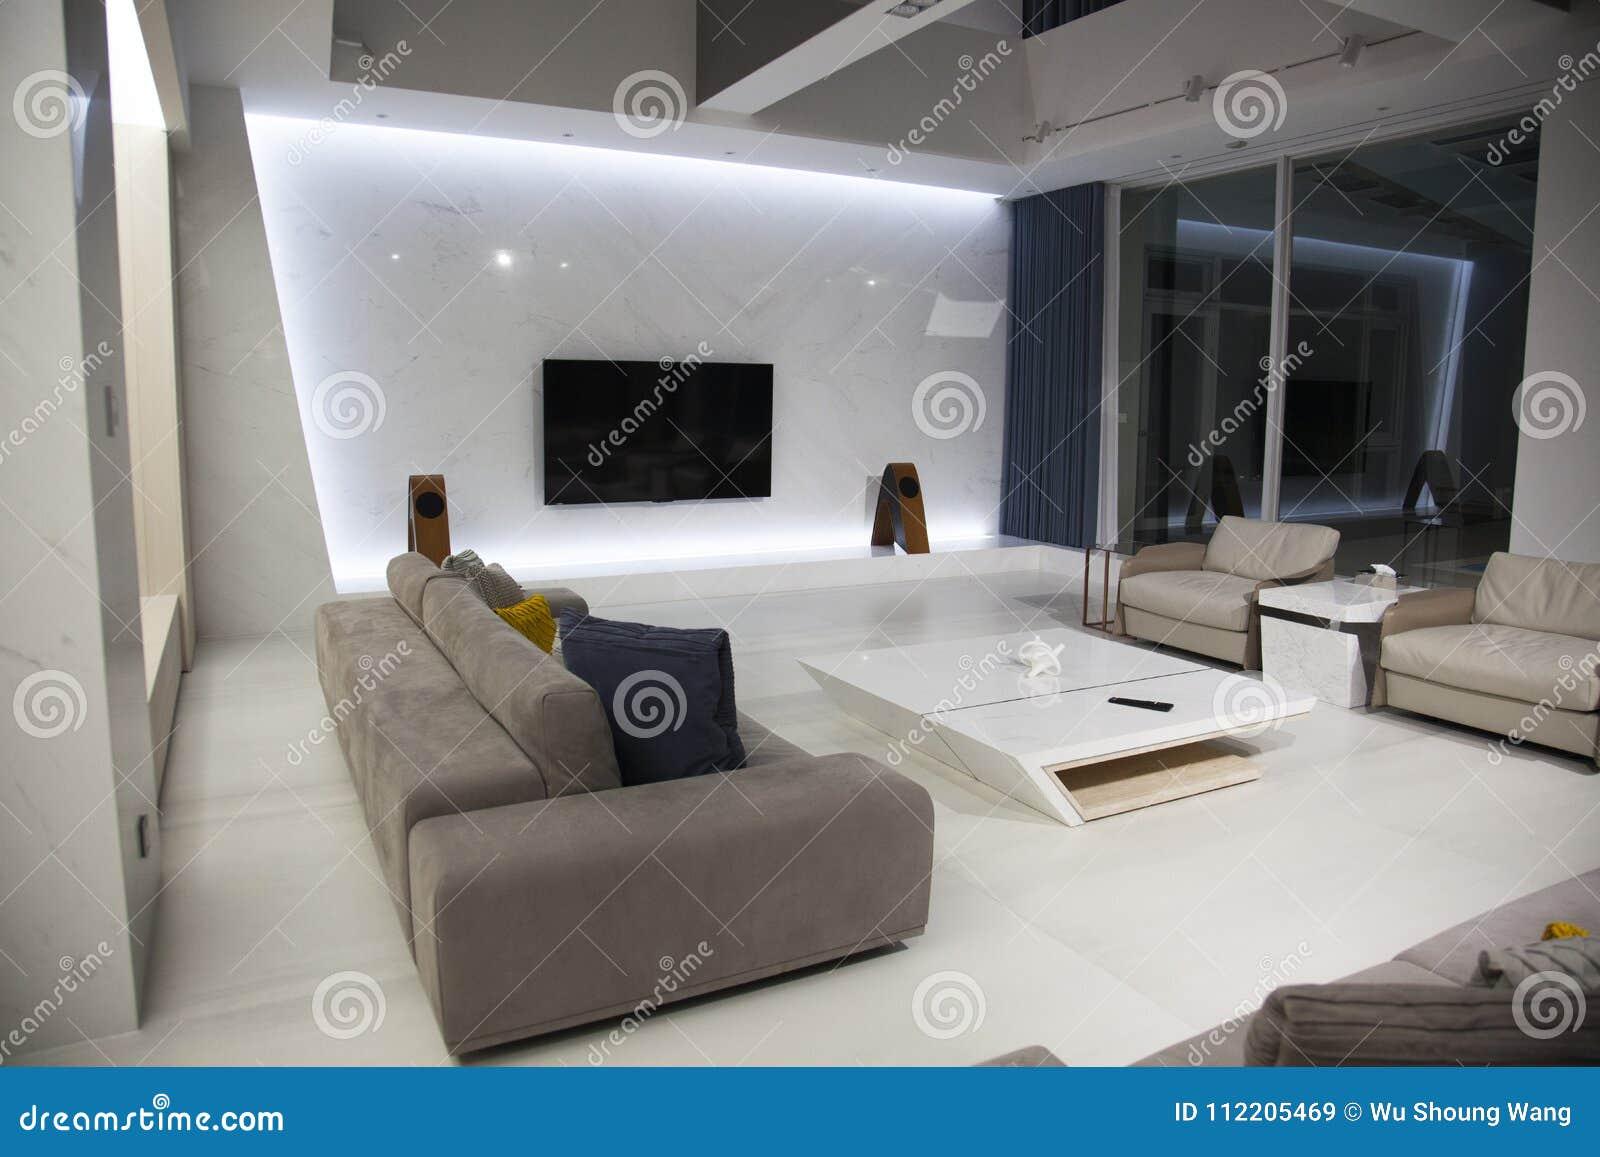 Conception Intérieure, Salon, Contemporain, Intérieur Image stock ...